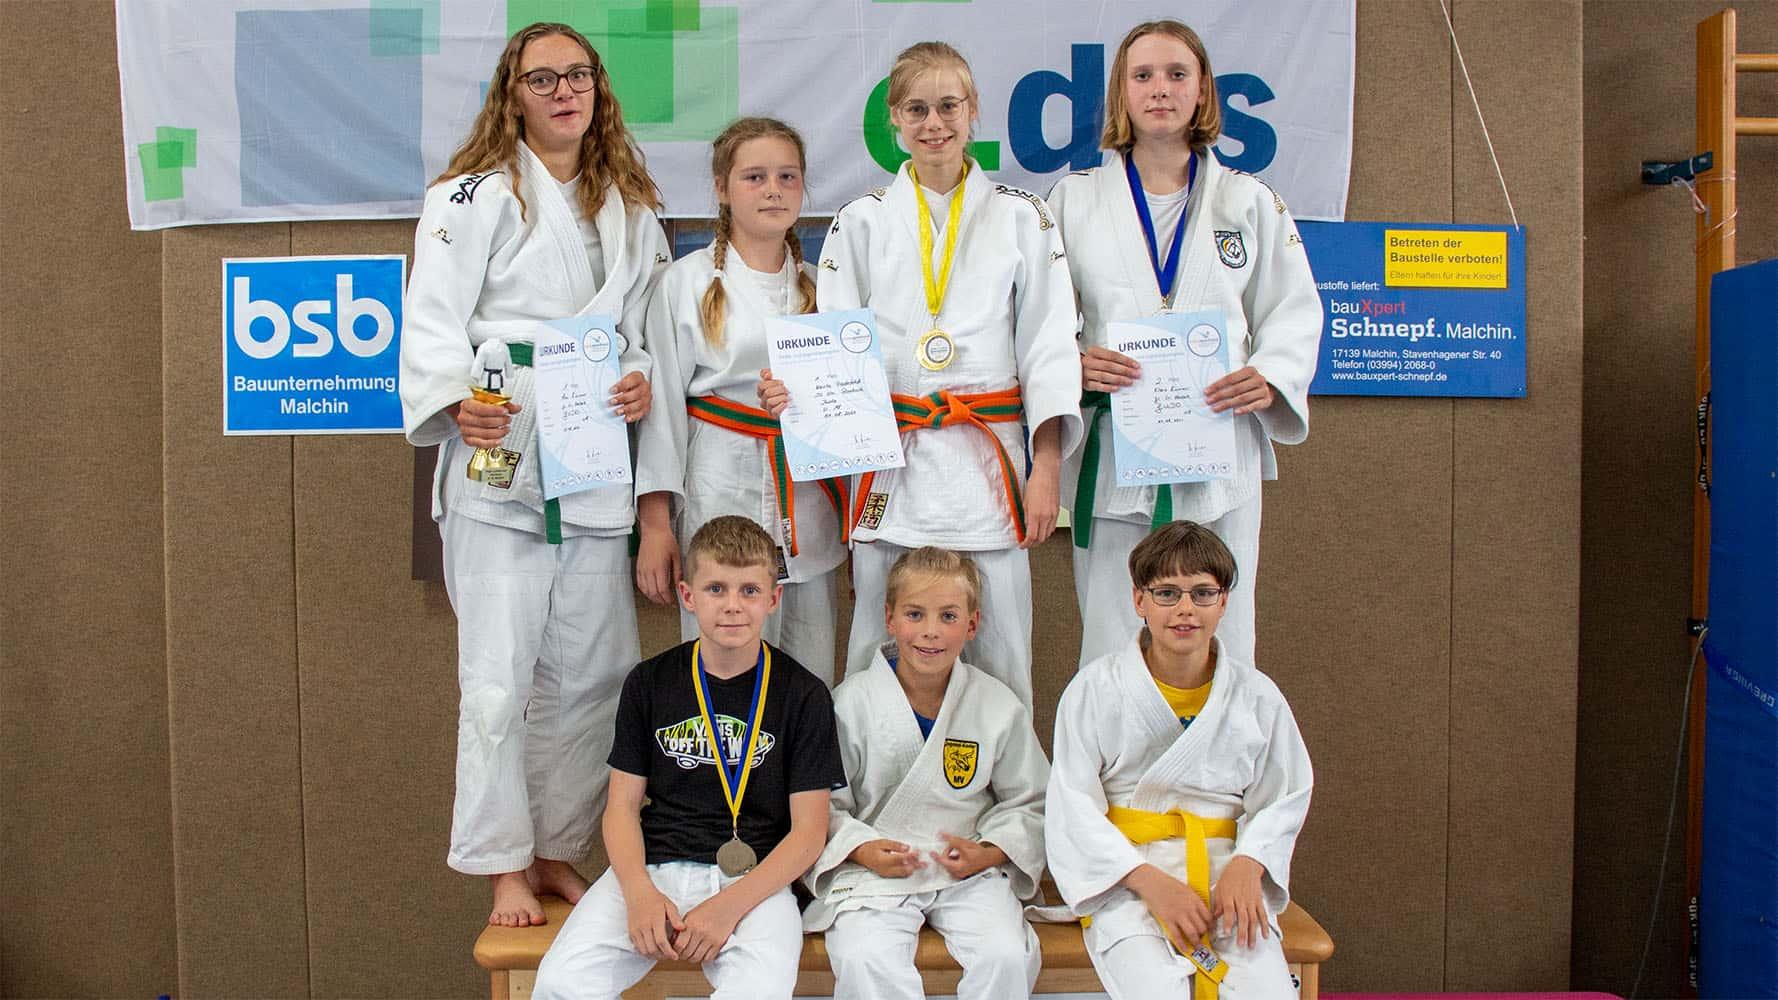 Erfolgreicher Auftakt beim Wettkampf - Judo Rostock